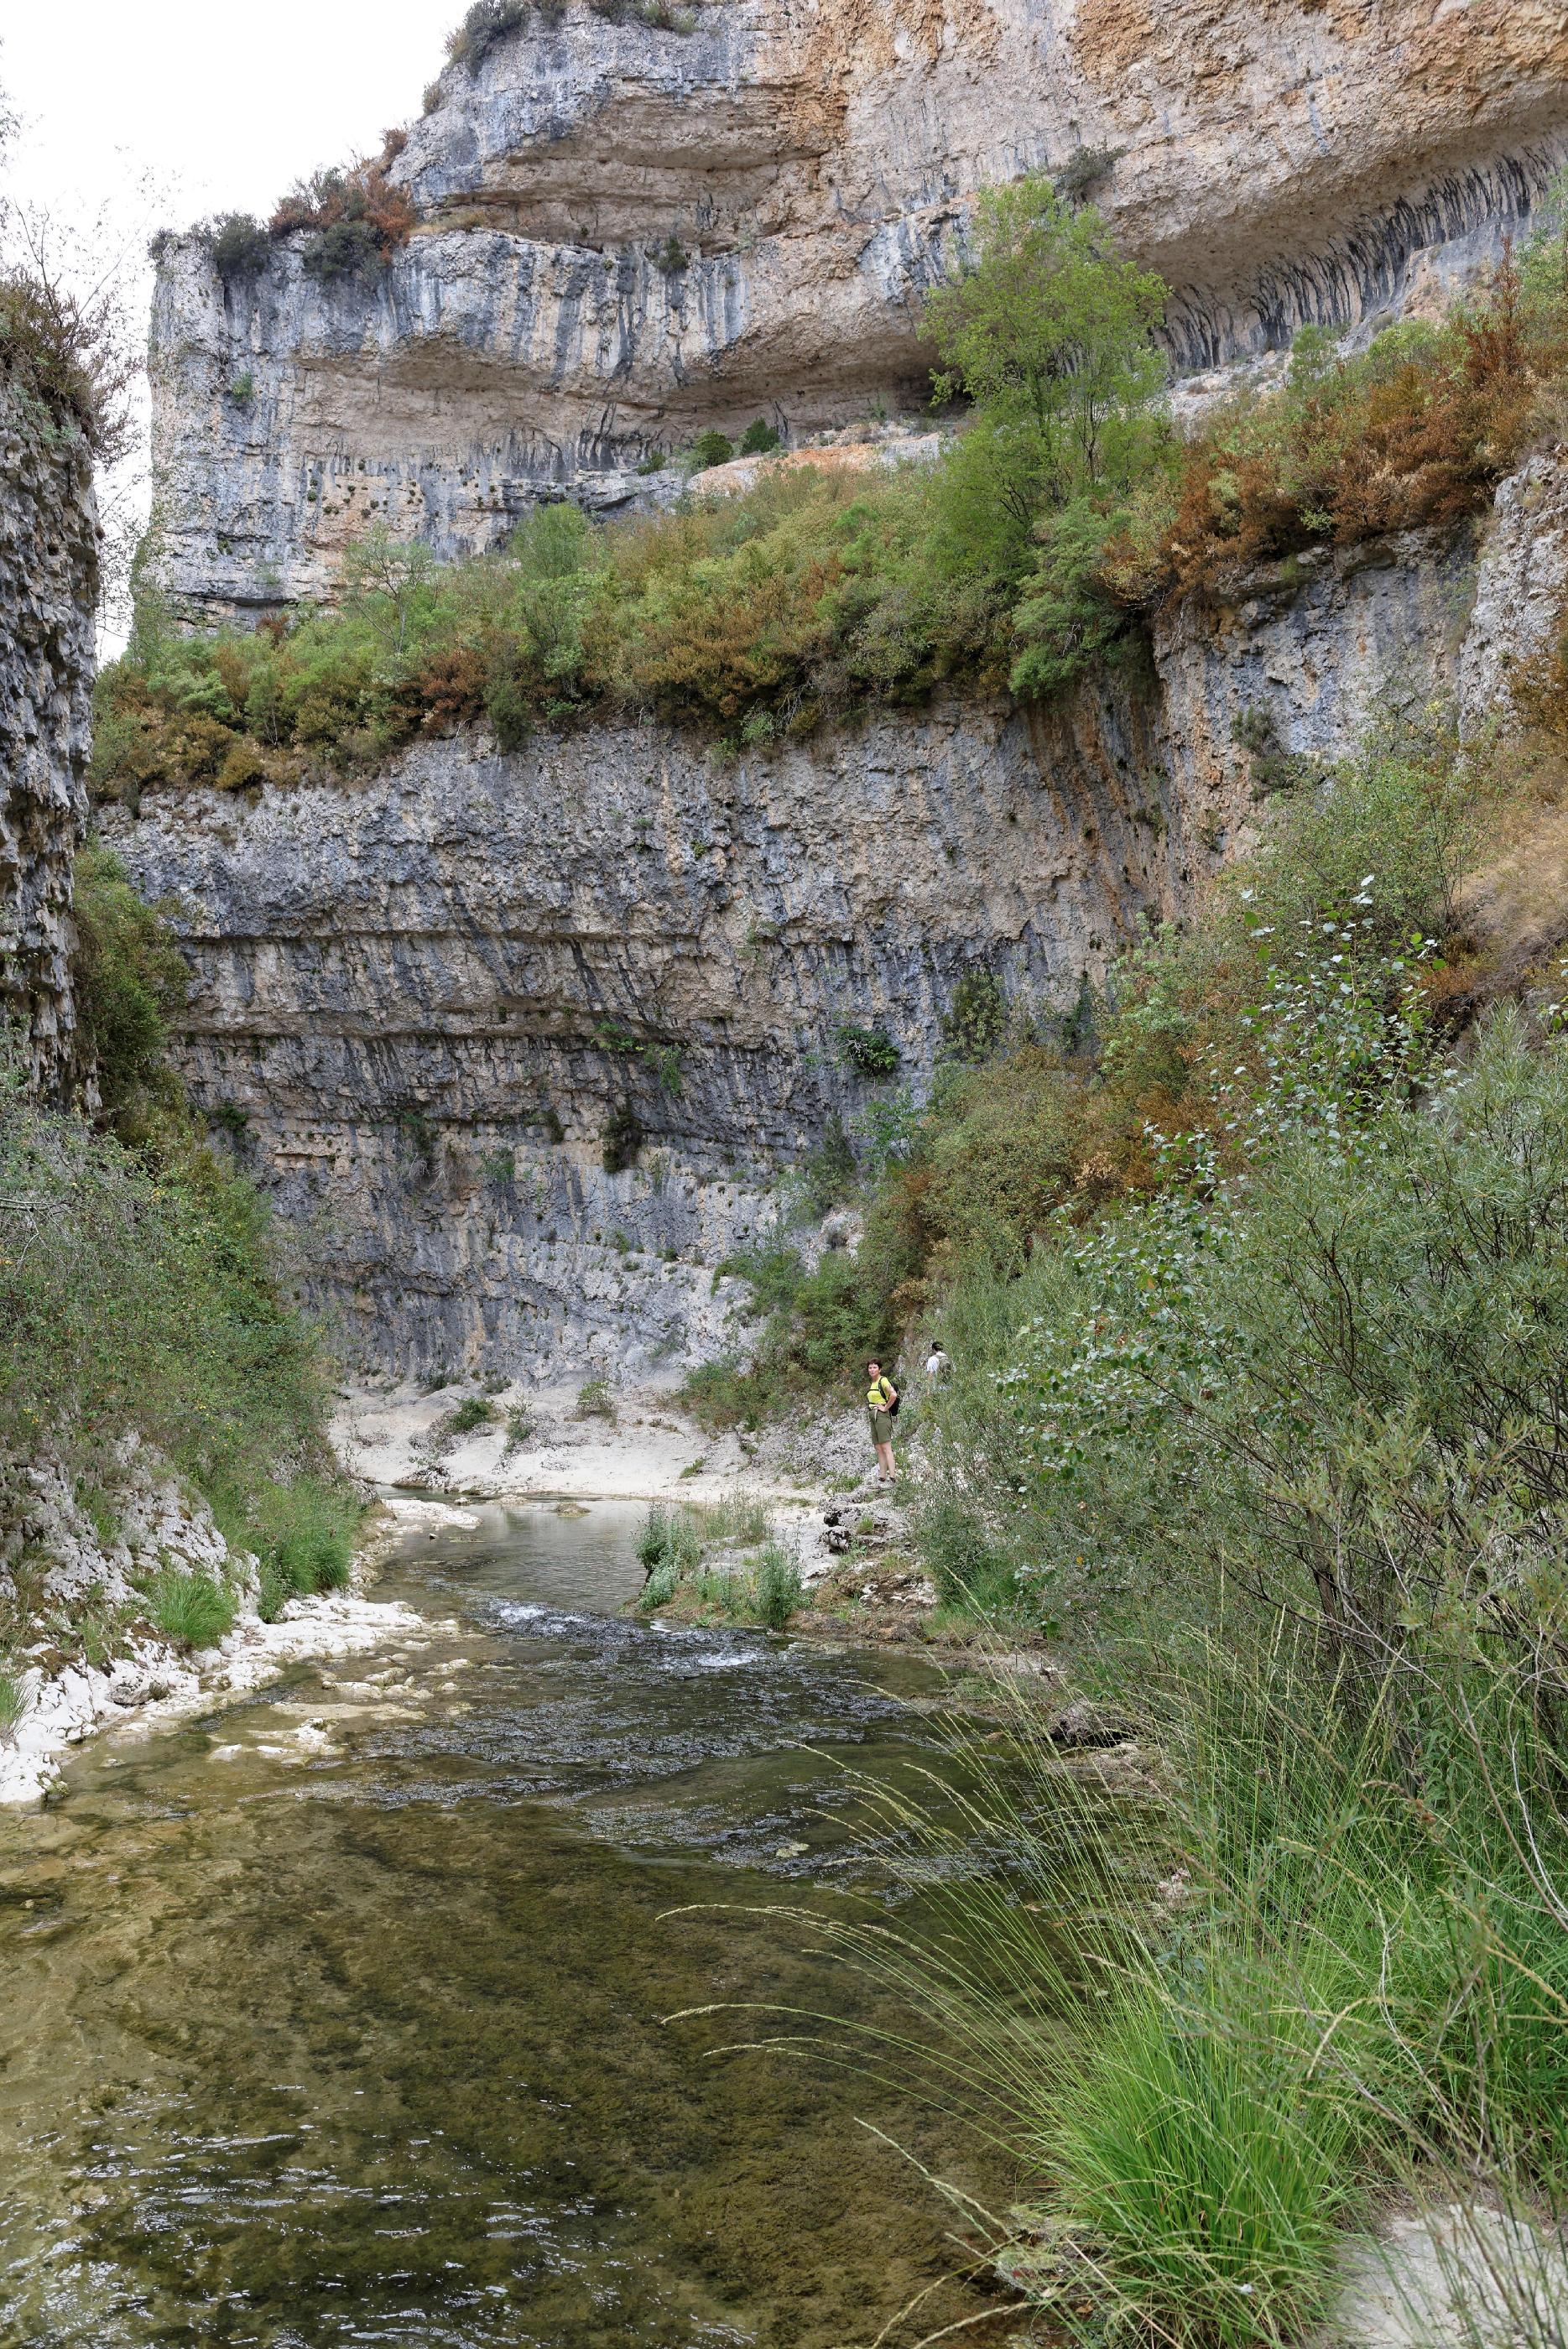 160909-lecina-marche-canyon-del-rio-vero-puente-de-villacantal-sierra-de-guara-aragon-29